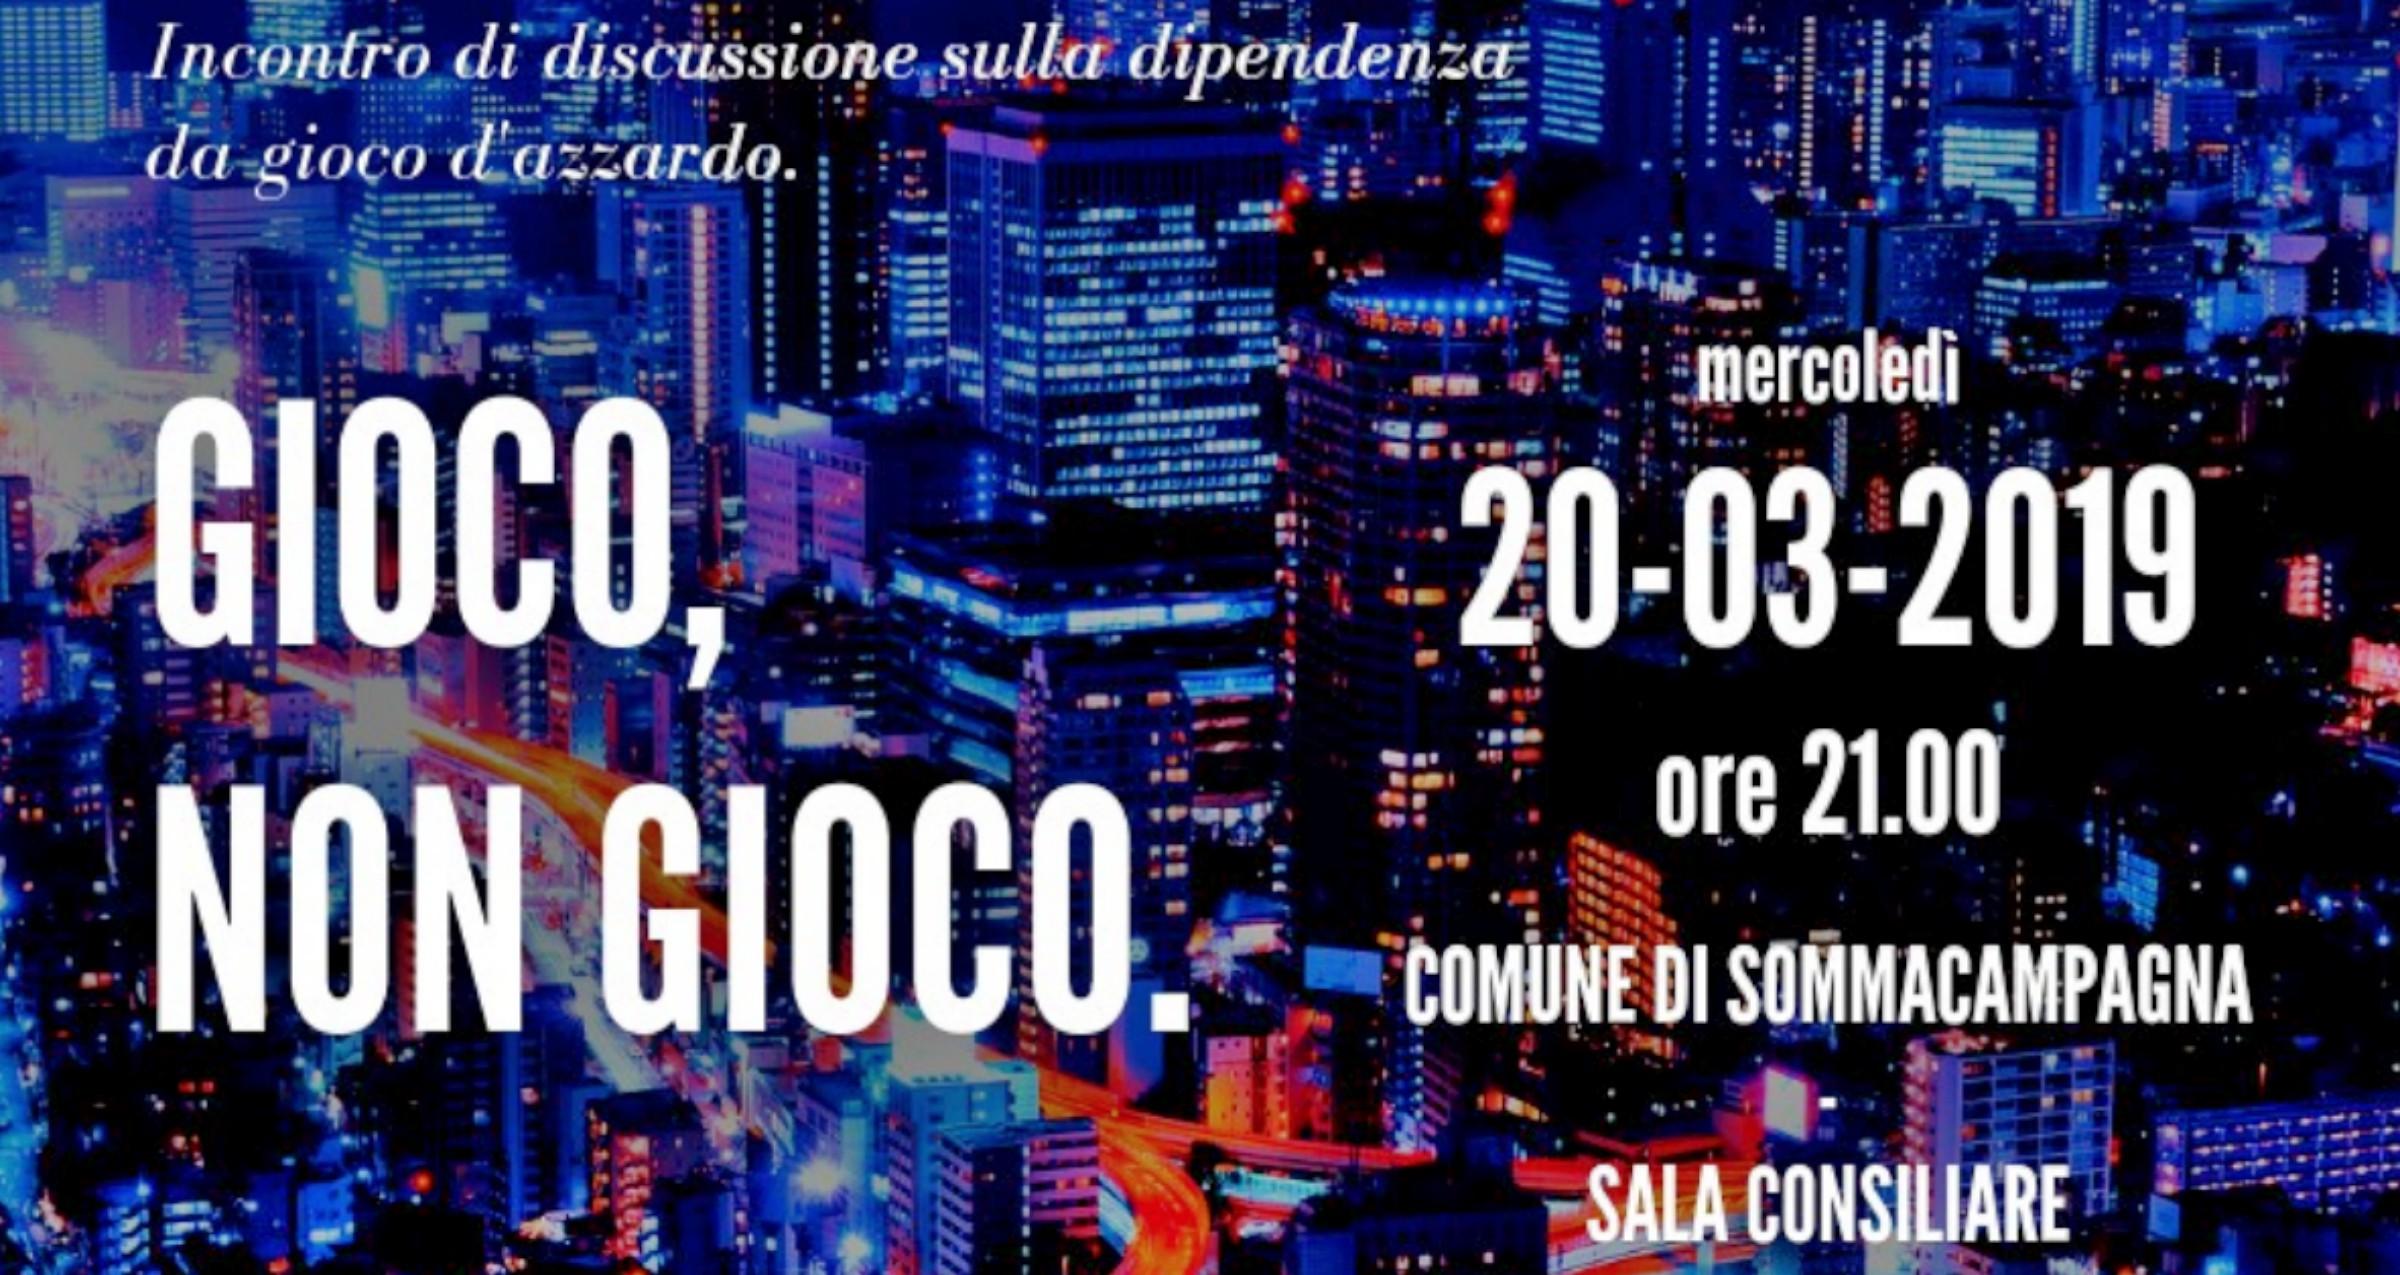 """""""Gioco, non gioco"""": il 20 marzo a Sommacampagna (Vr), Avviso Pubblico all'incontro sulla dipendenza da gioco d'azzardo"""